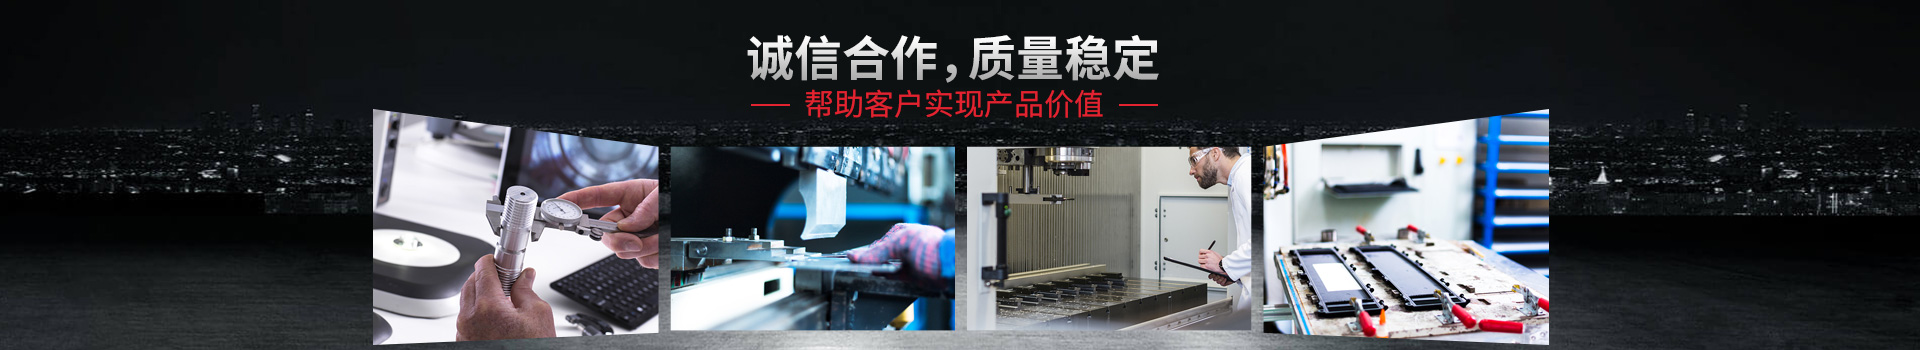 深圳CNC加工厂家,CNC精密机械加工——诚信合作,质量稳定